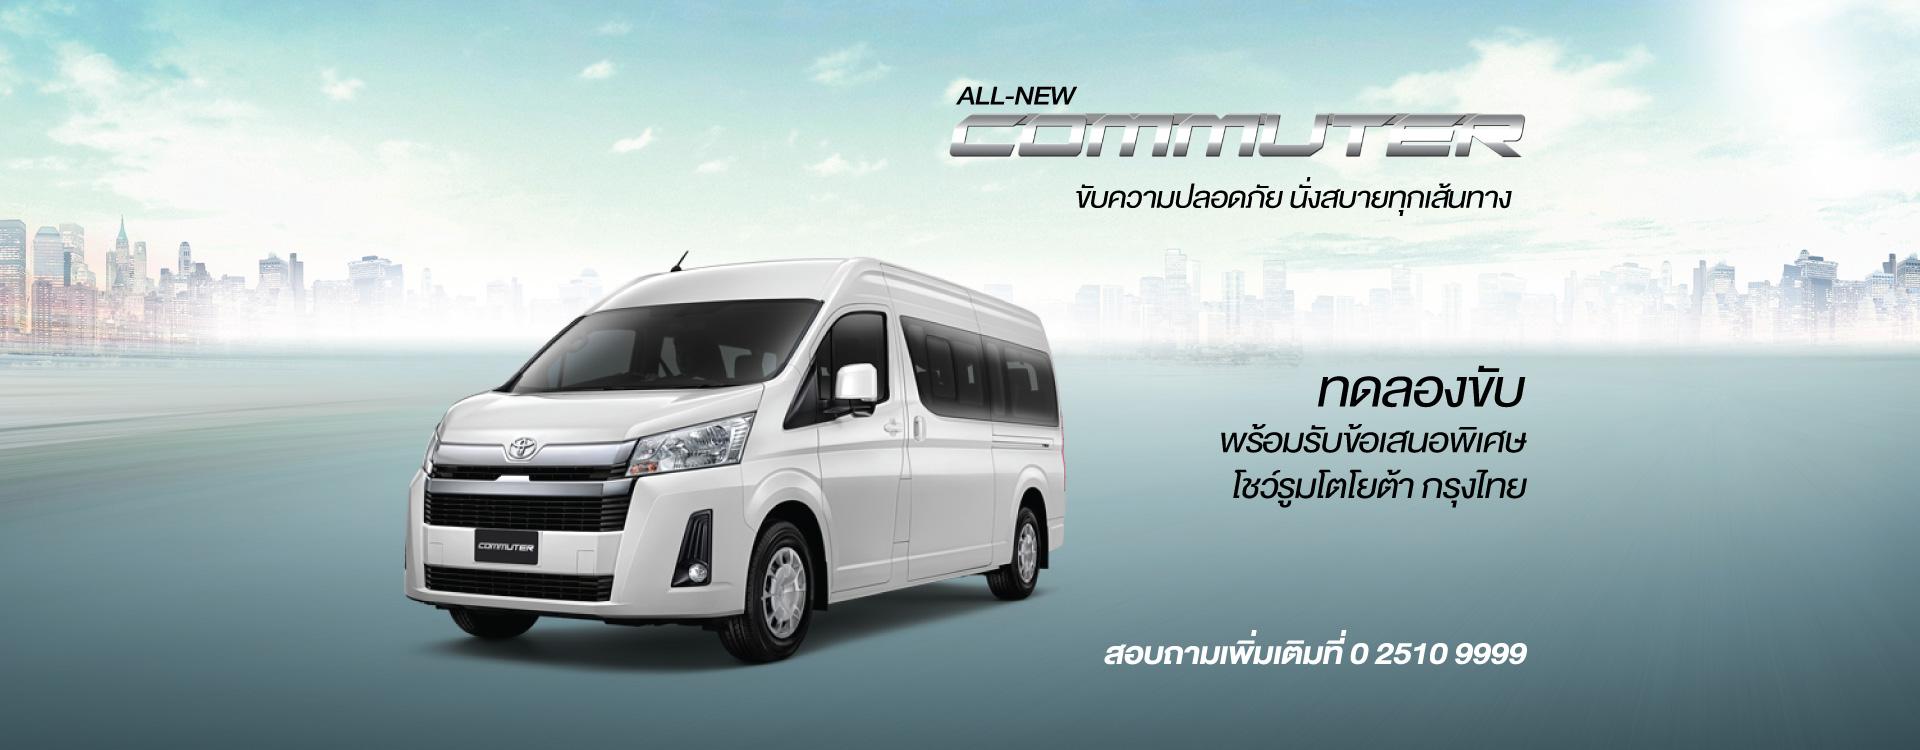 All New Toyota Commuter (Slide)